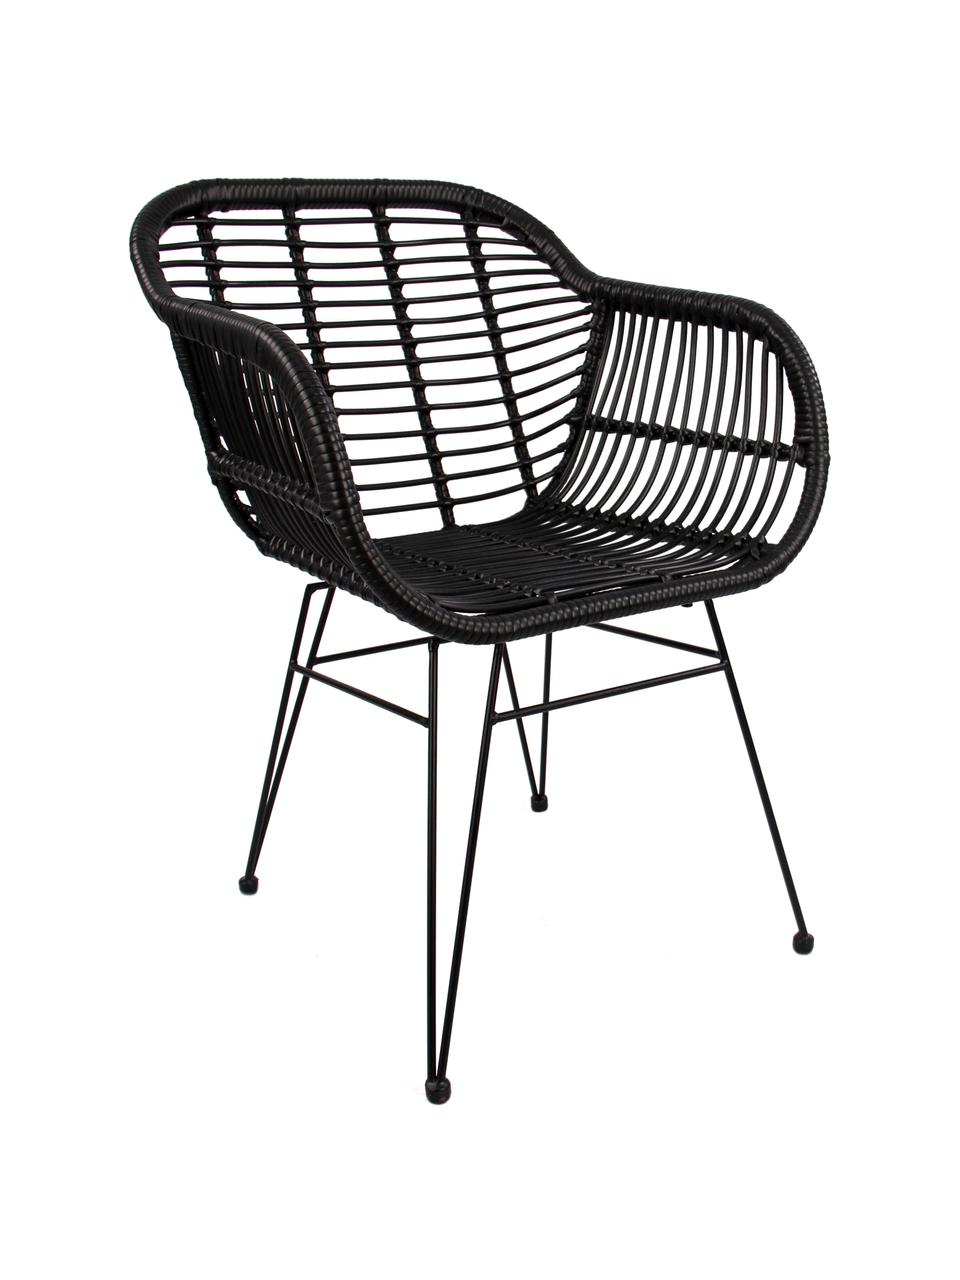 Krzesło z podłokietnikami z polirattanu Costa, 2 szt., Stelaż: metal malowany proszkowo, Czarny, S 59 x G 58 cm